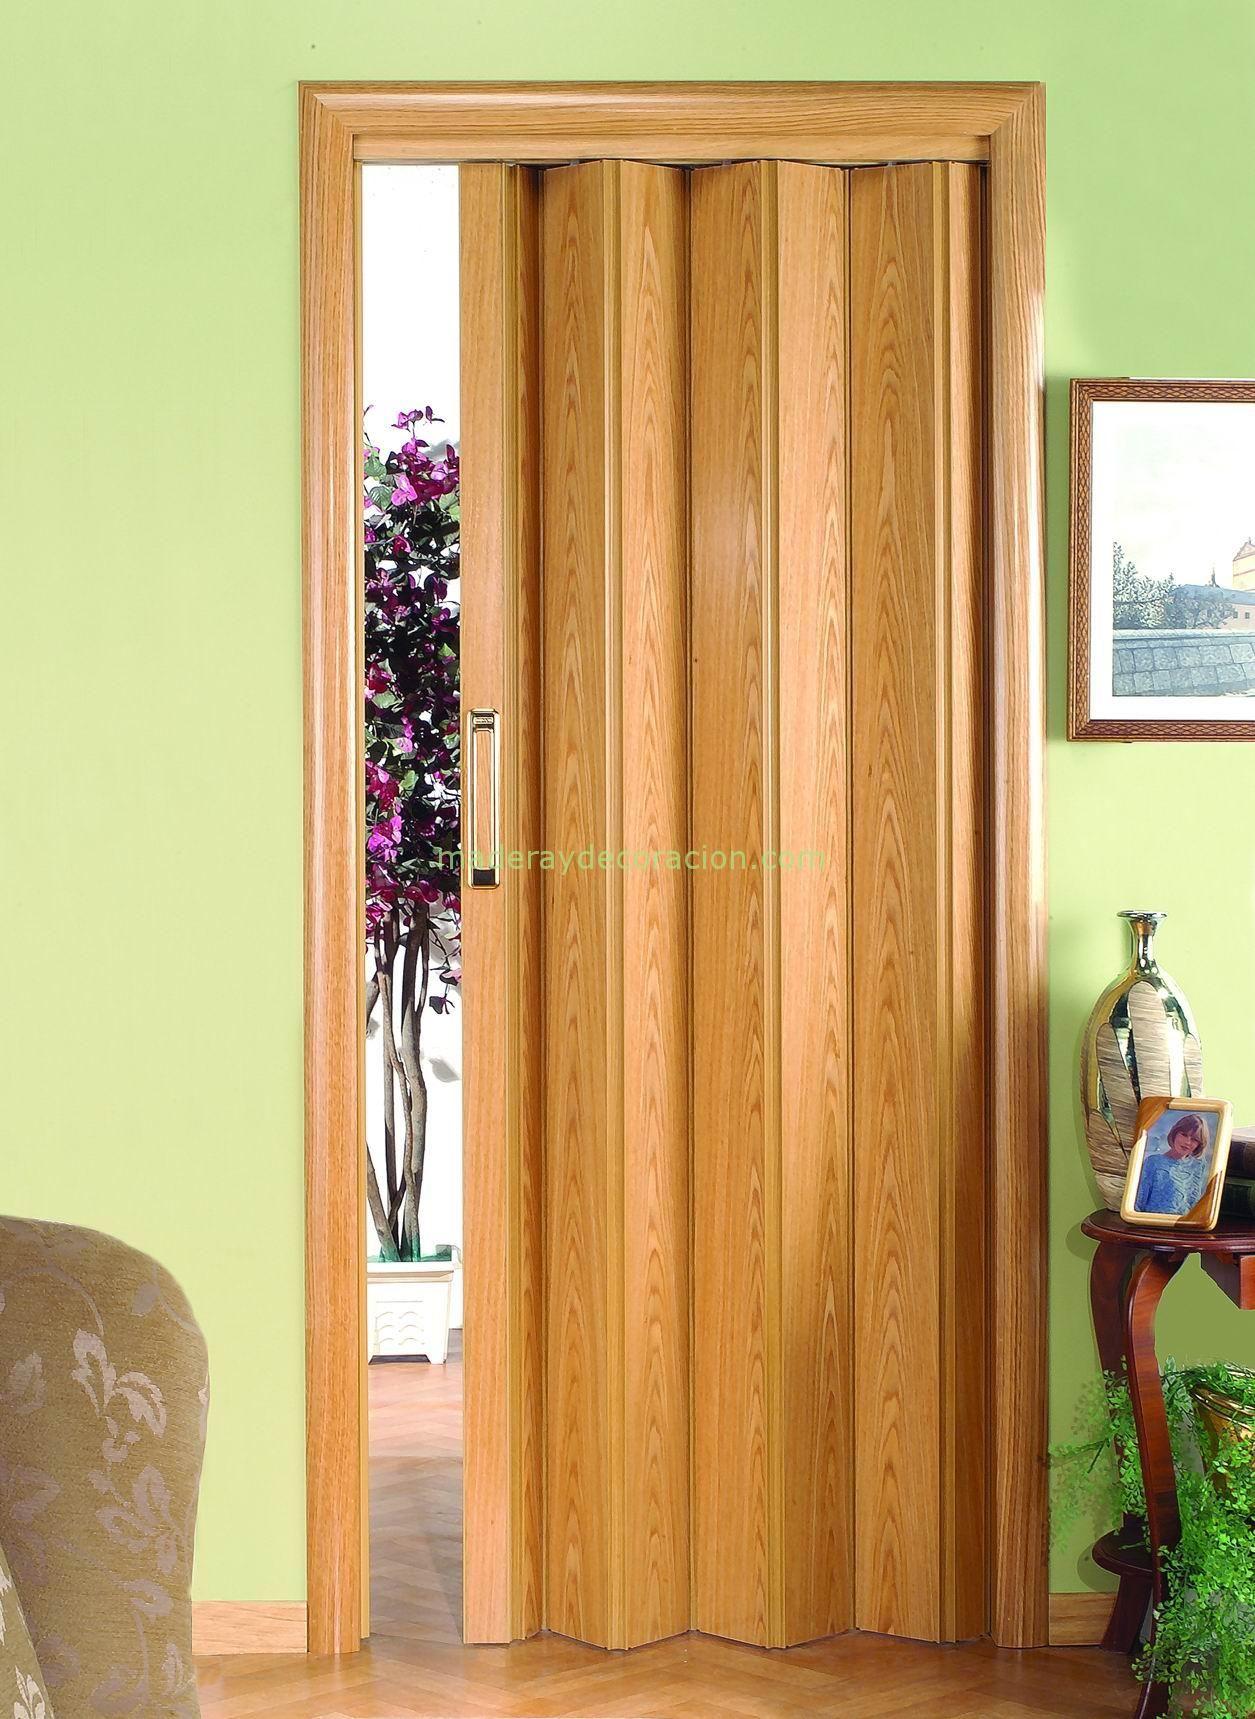 Resultado de imagen para puertas plegables de madera - Puerta pvc plegable ...